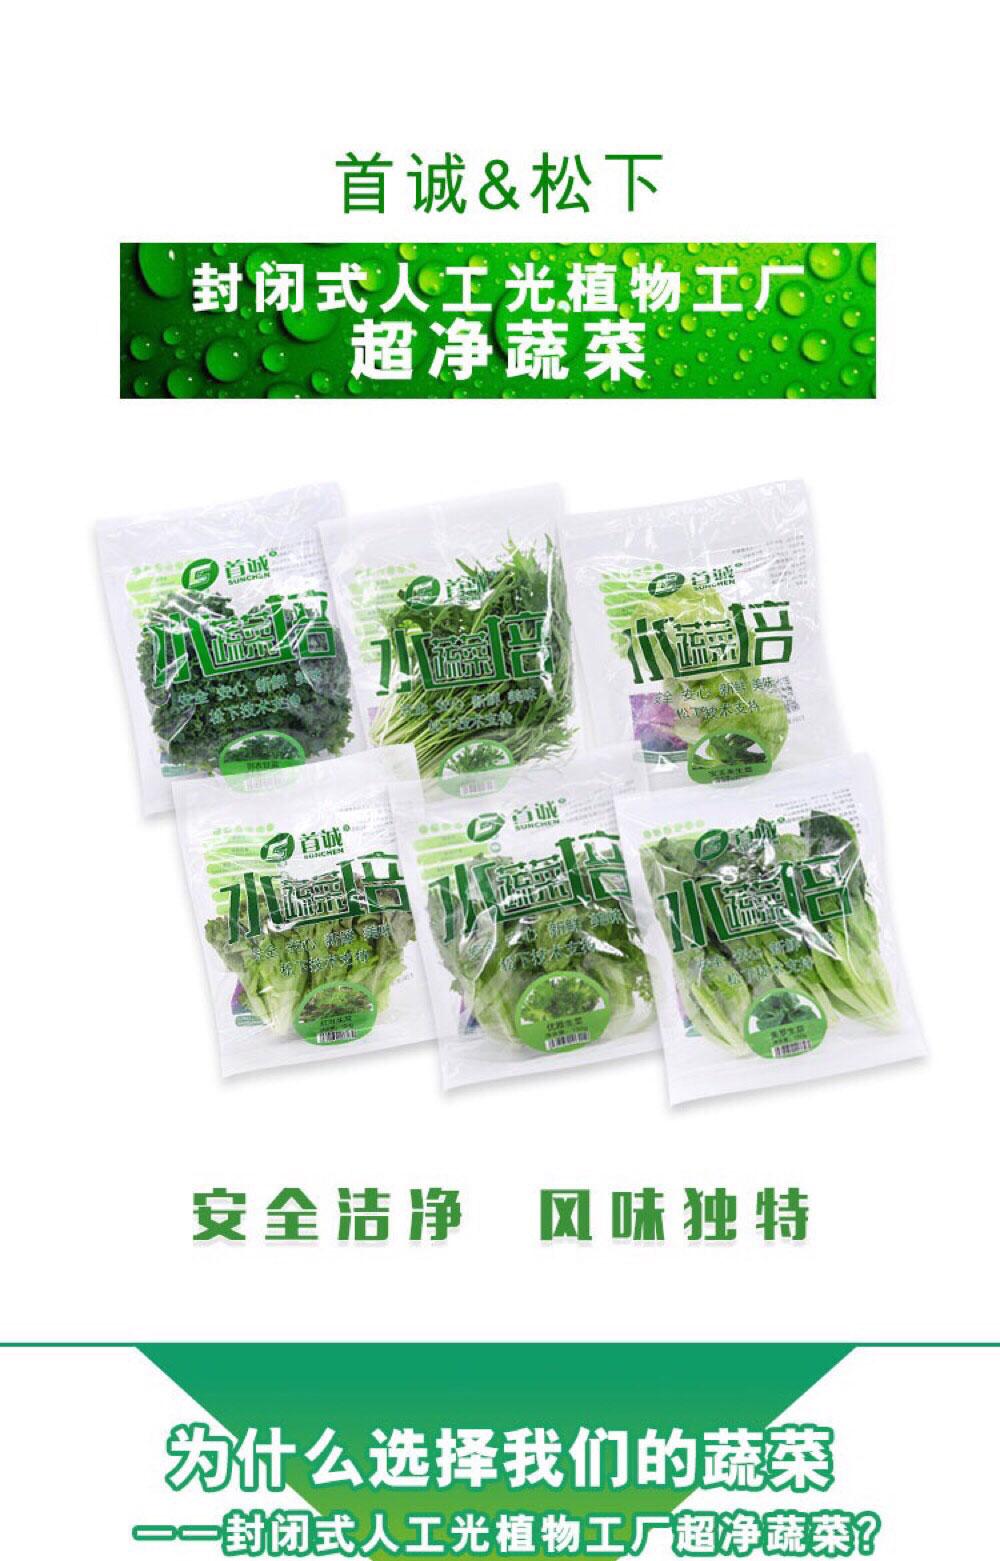 航天级食品|菊苣|蛹虫草|